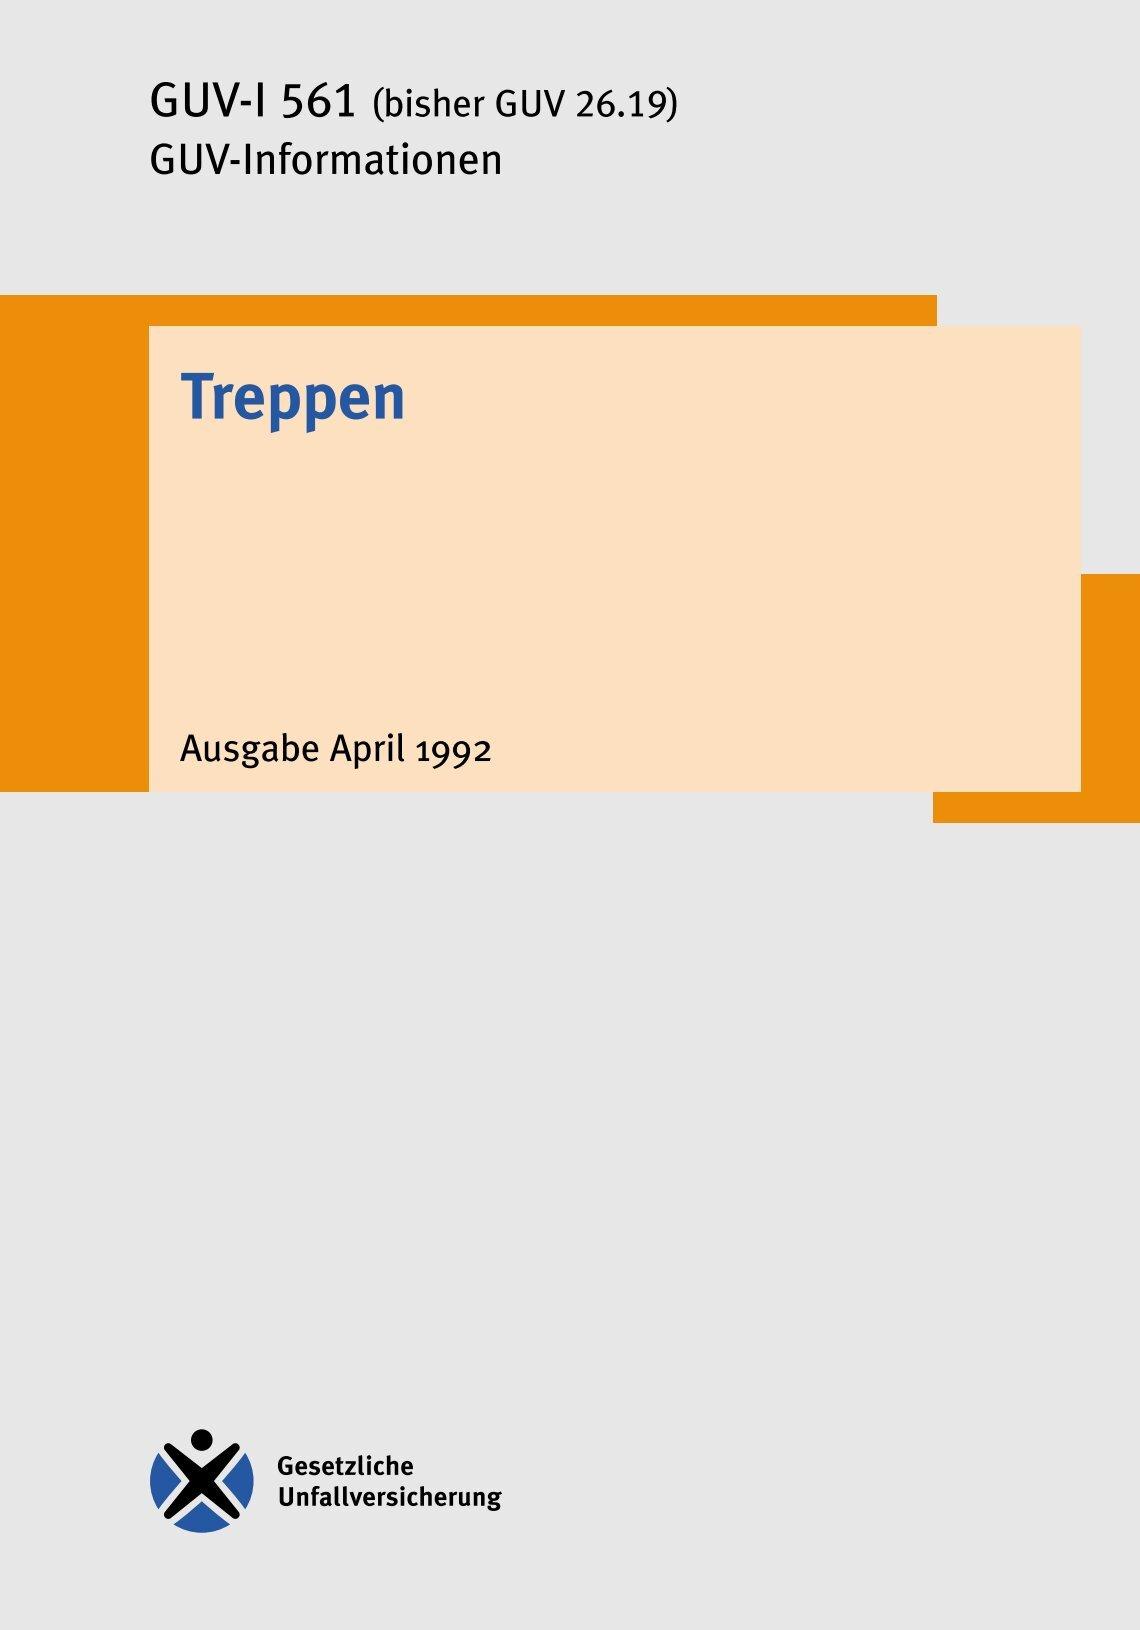 Liebenswert Wiehl Treppen Dekoration Von Wiehl.treppenreview